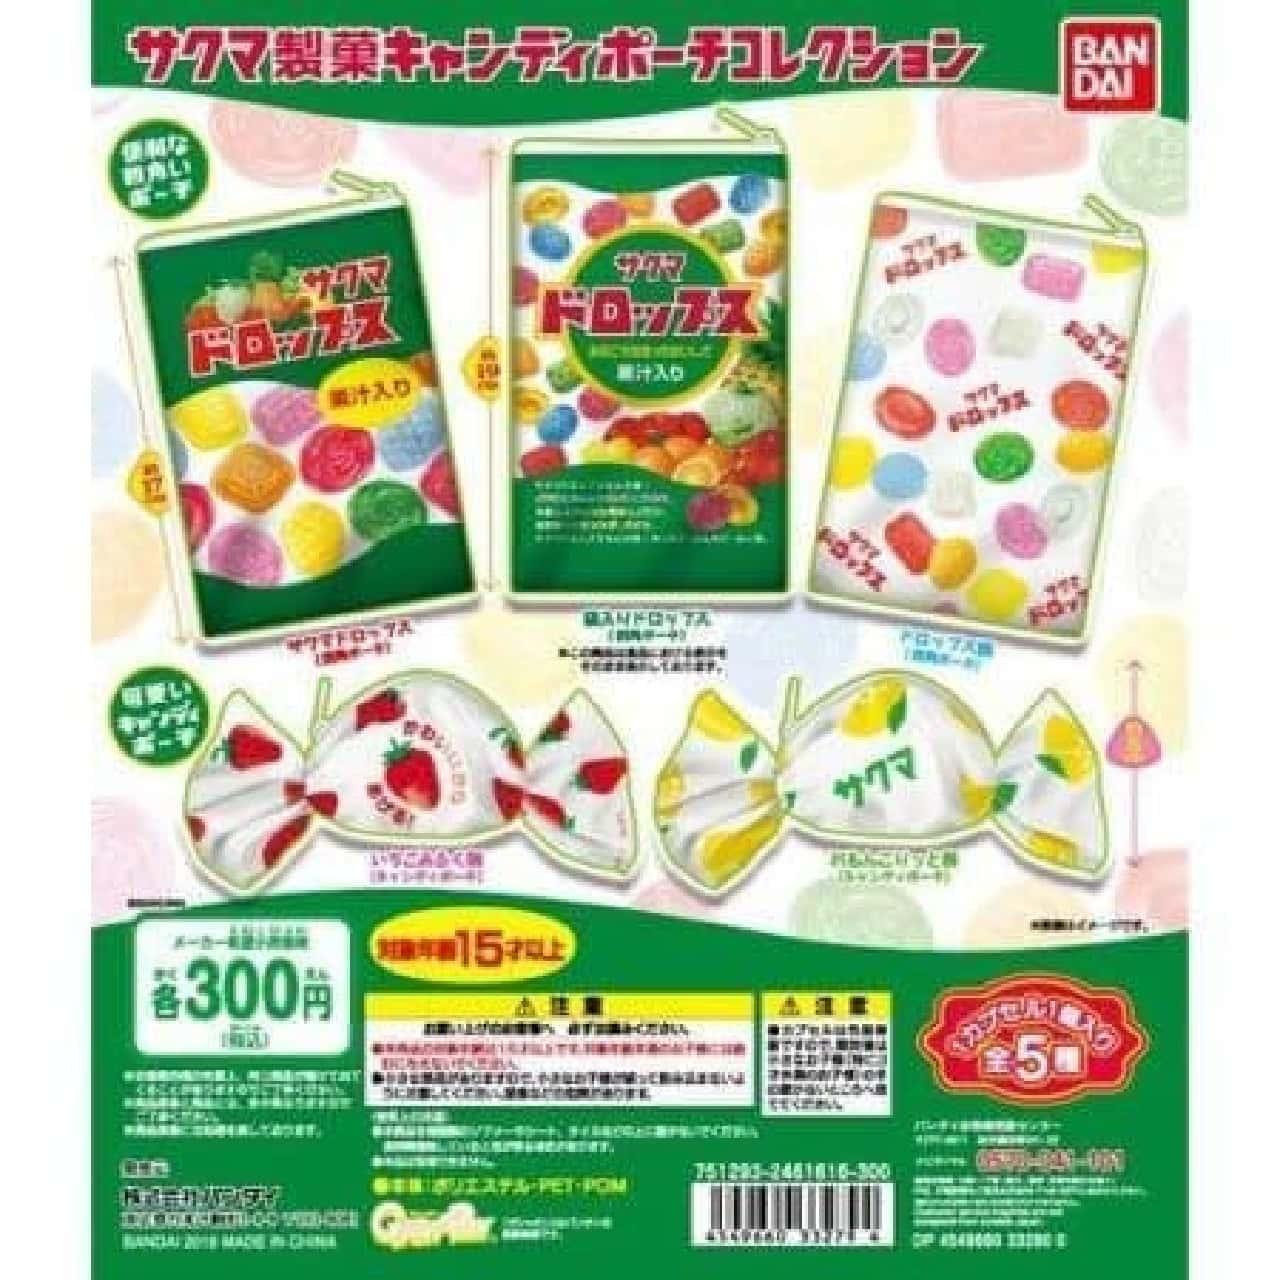 バンダイ「サクマ製菓 キャンディーポーチコレクション」